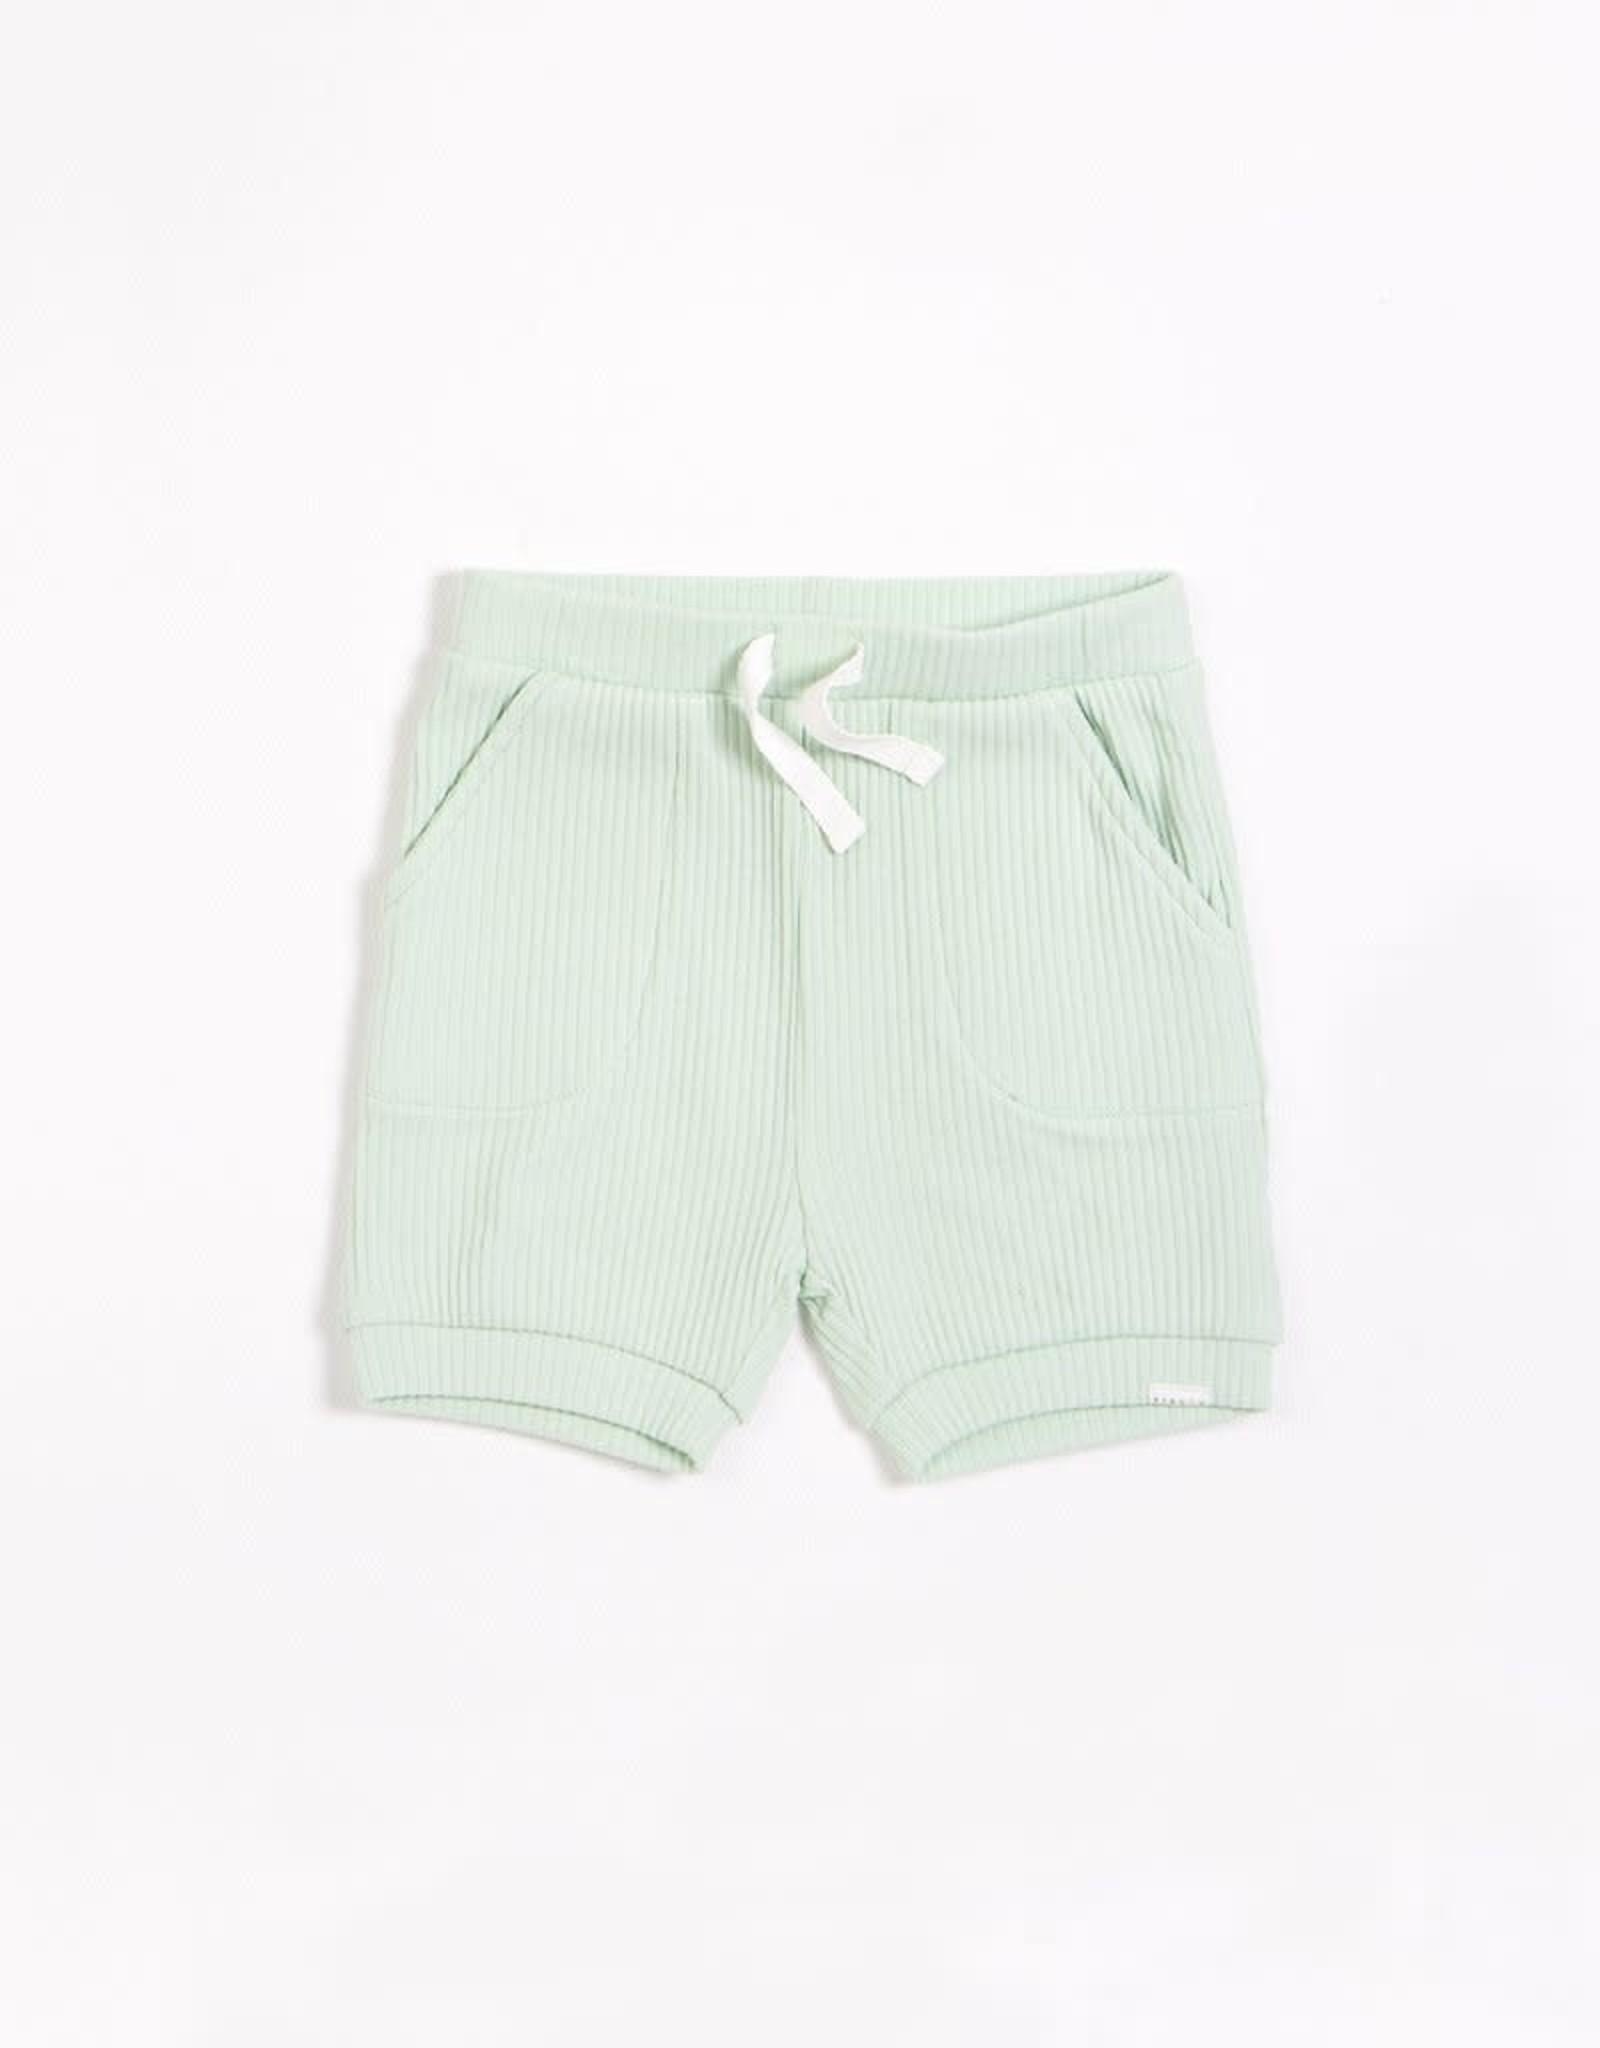 Petit Lem Petit Lem Modal Rib Shorts